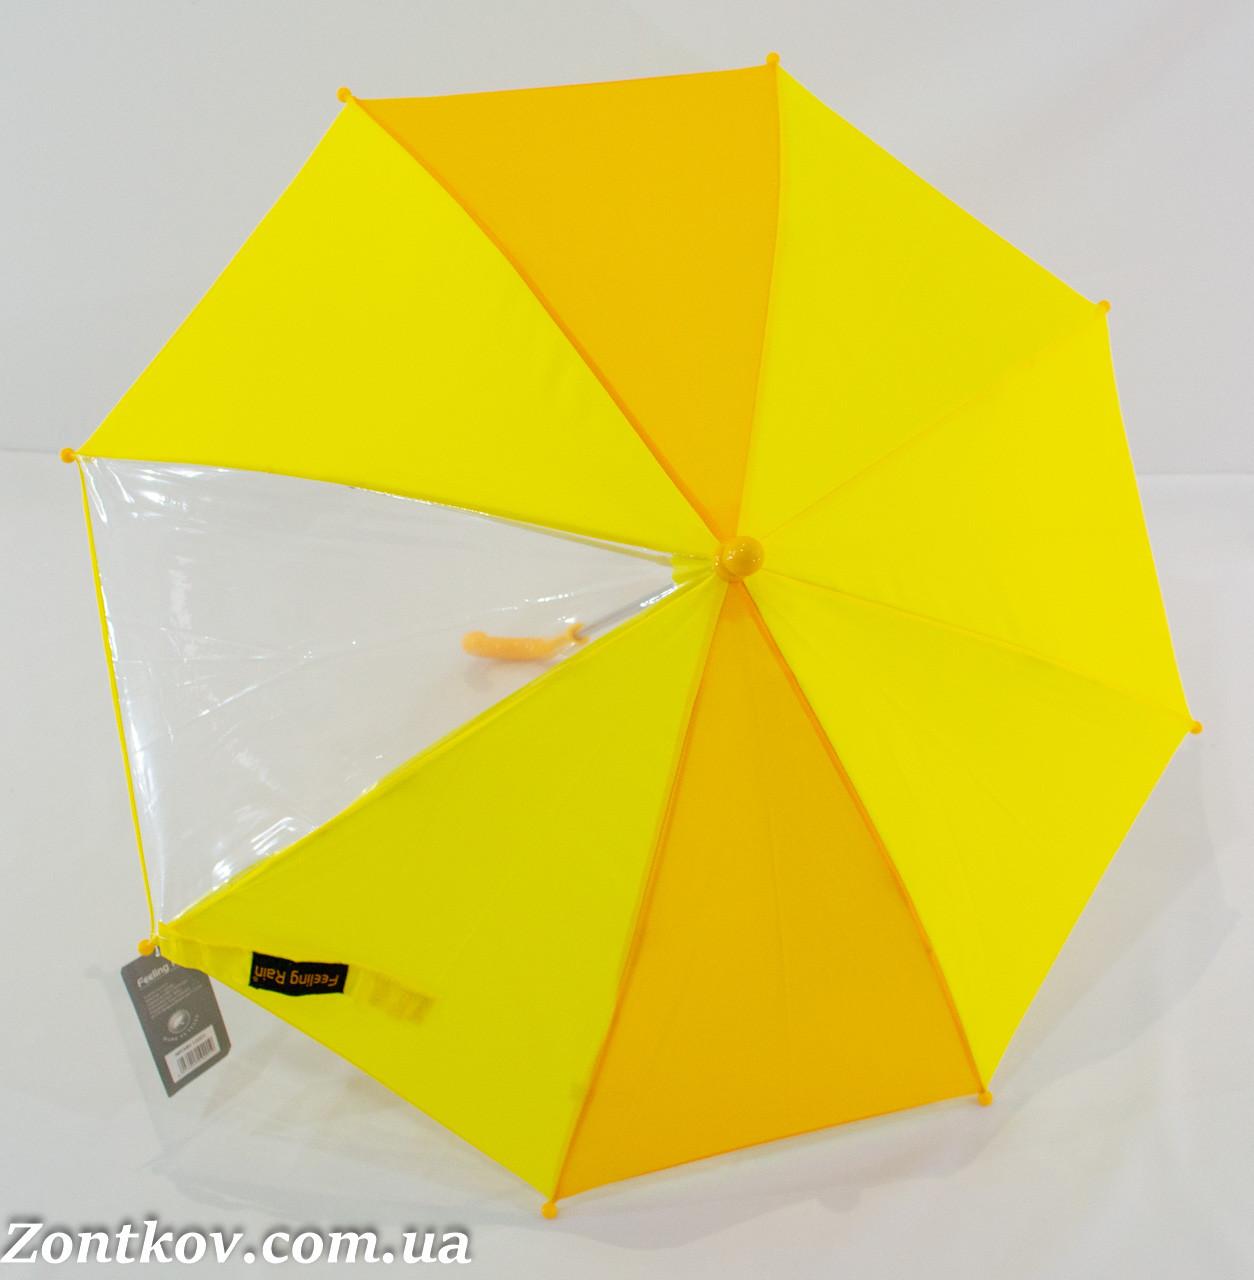 """Детский легкий зонтик для деток на 2 - 5 лет от """"Feeling Rain""""."""